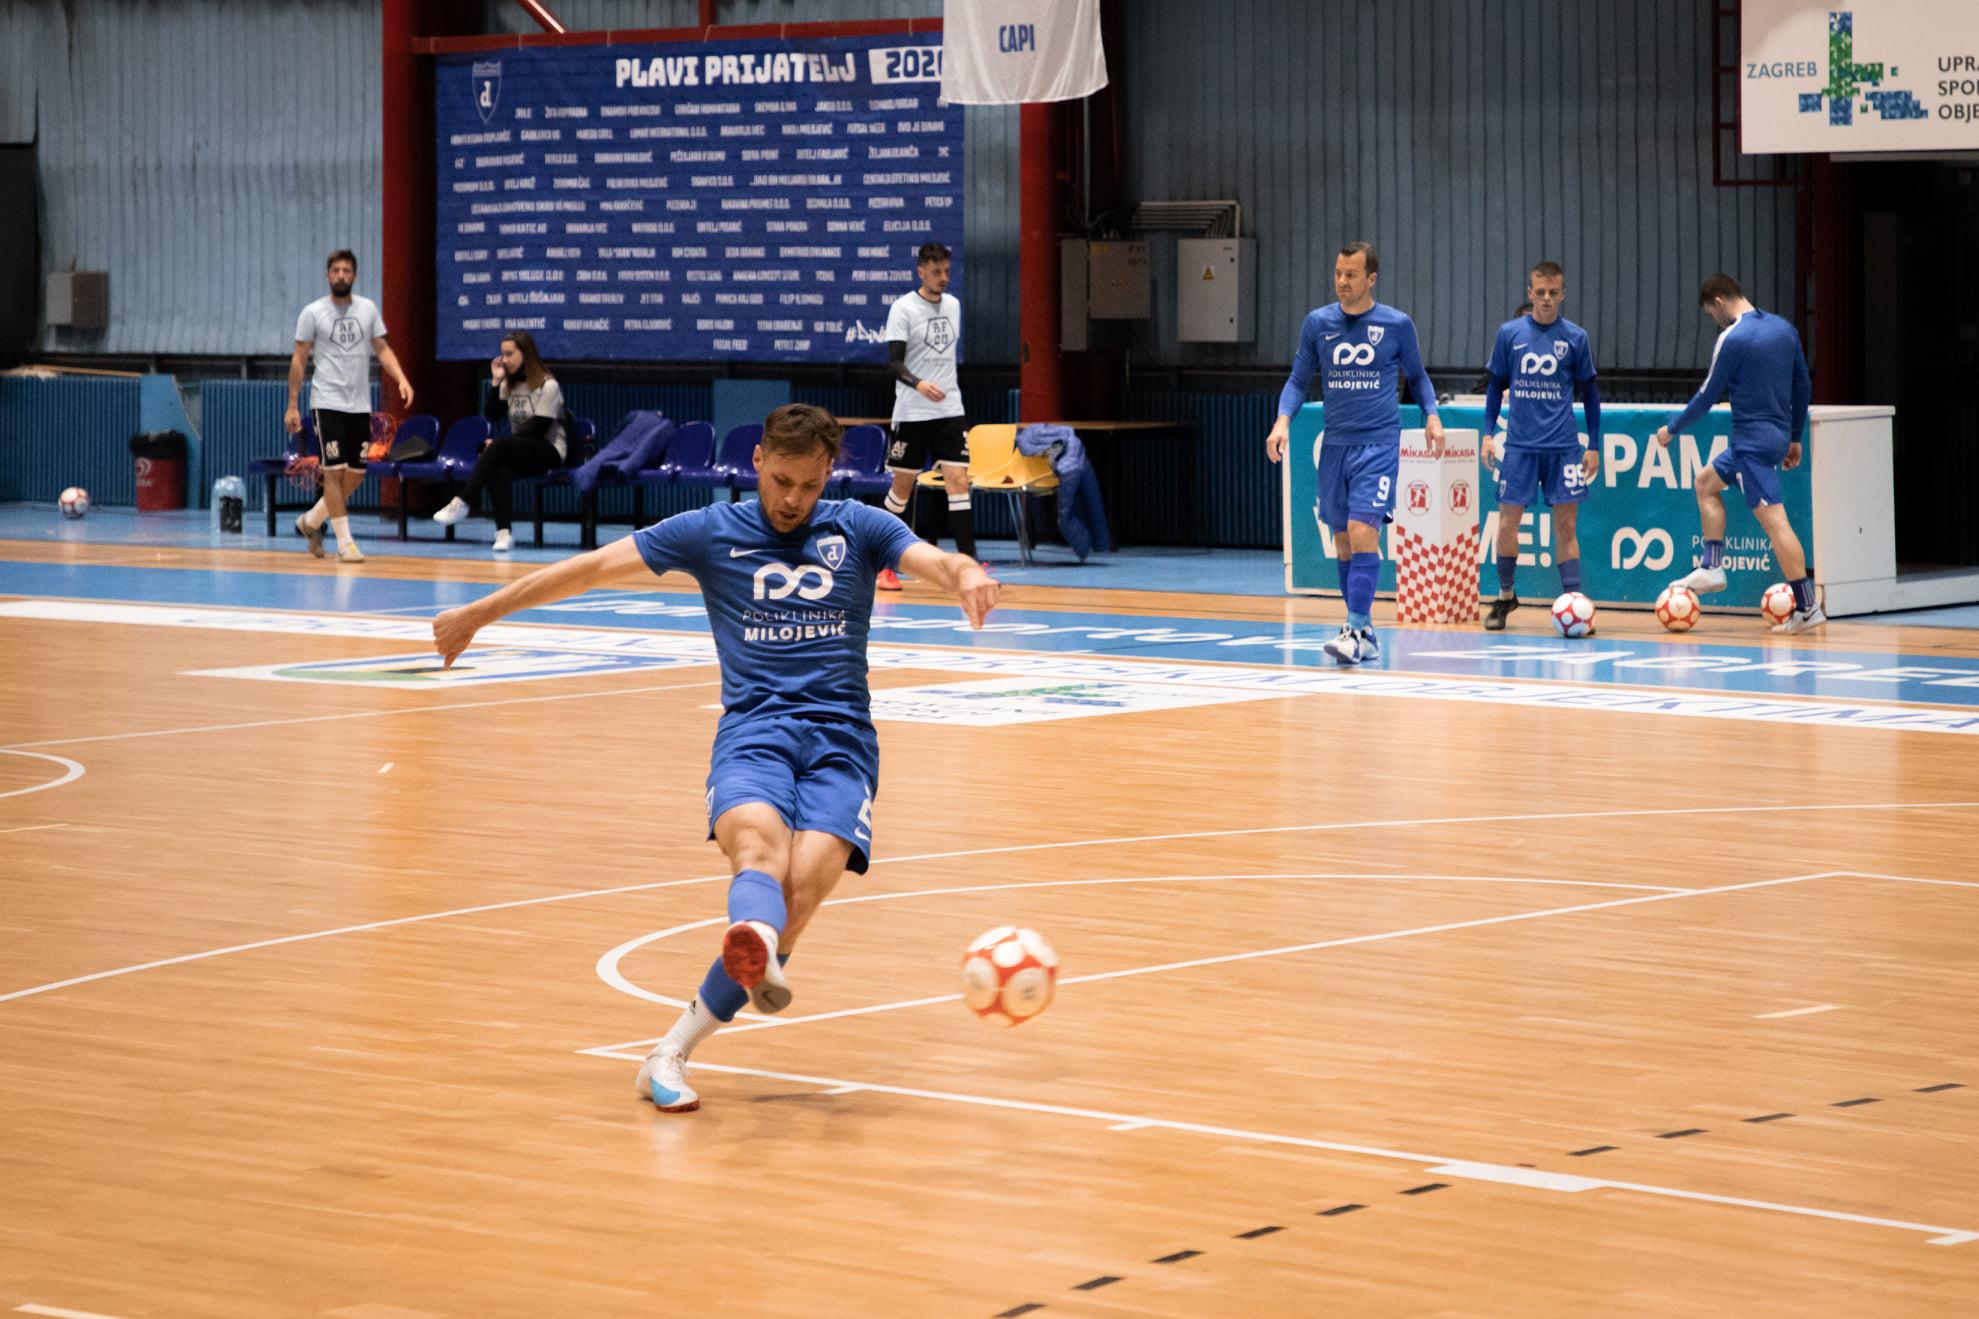 Prgomet - kandidat za igrača utakmice protiv Universitasa